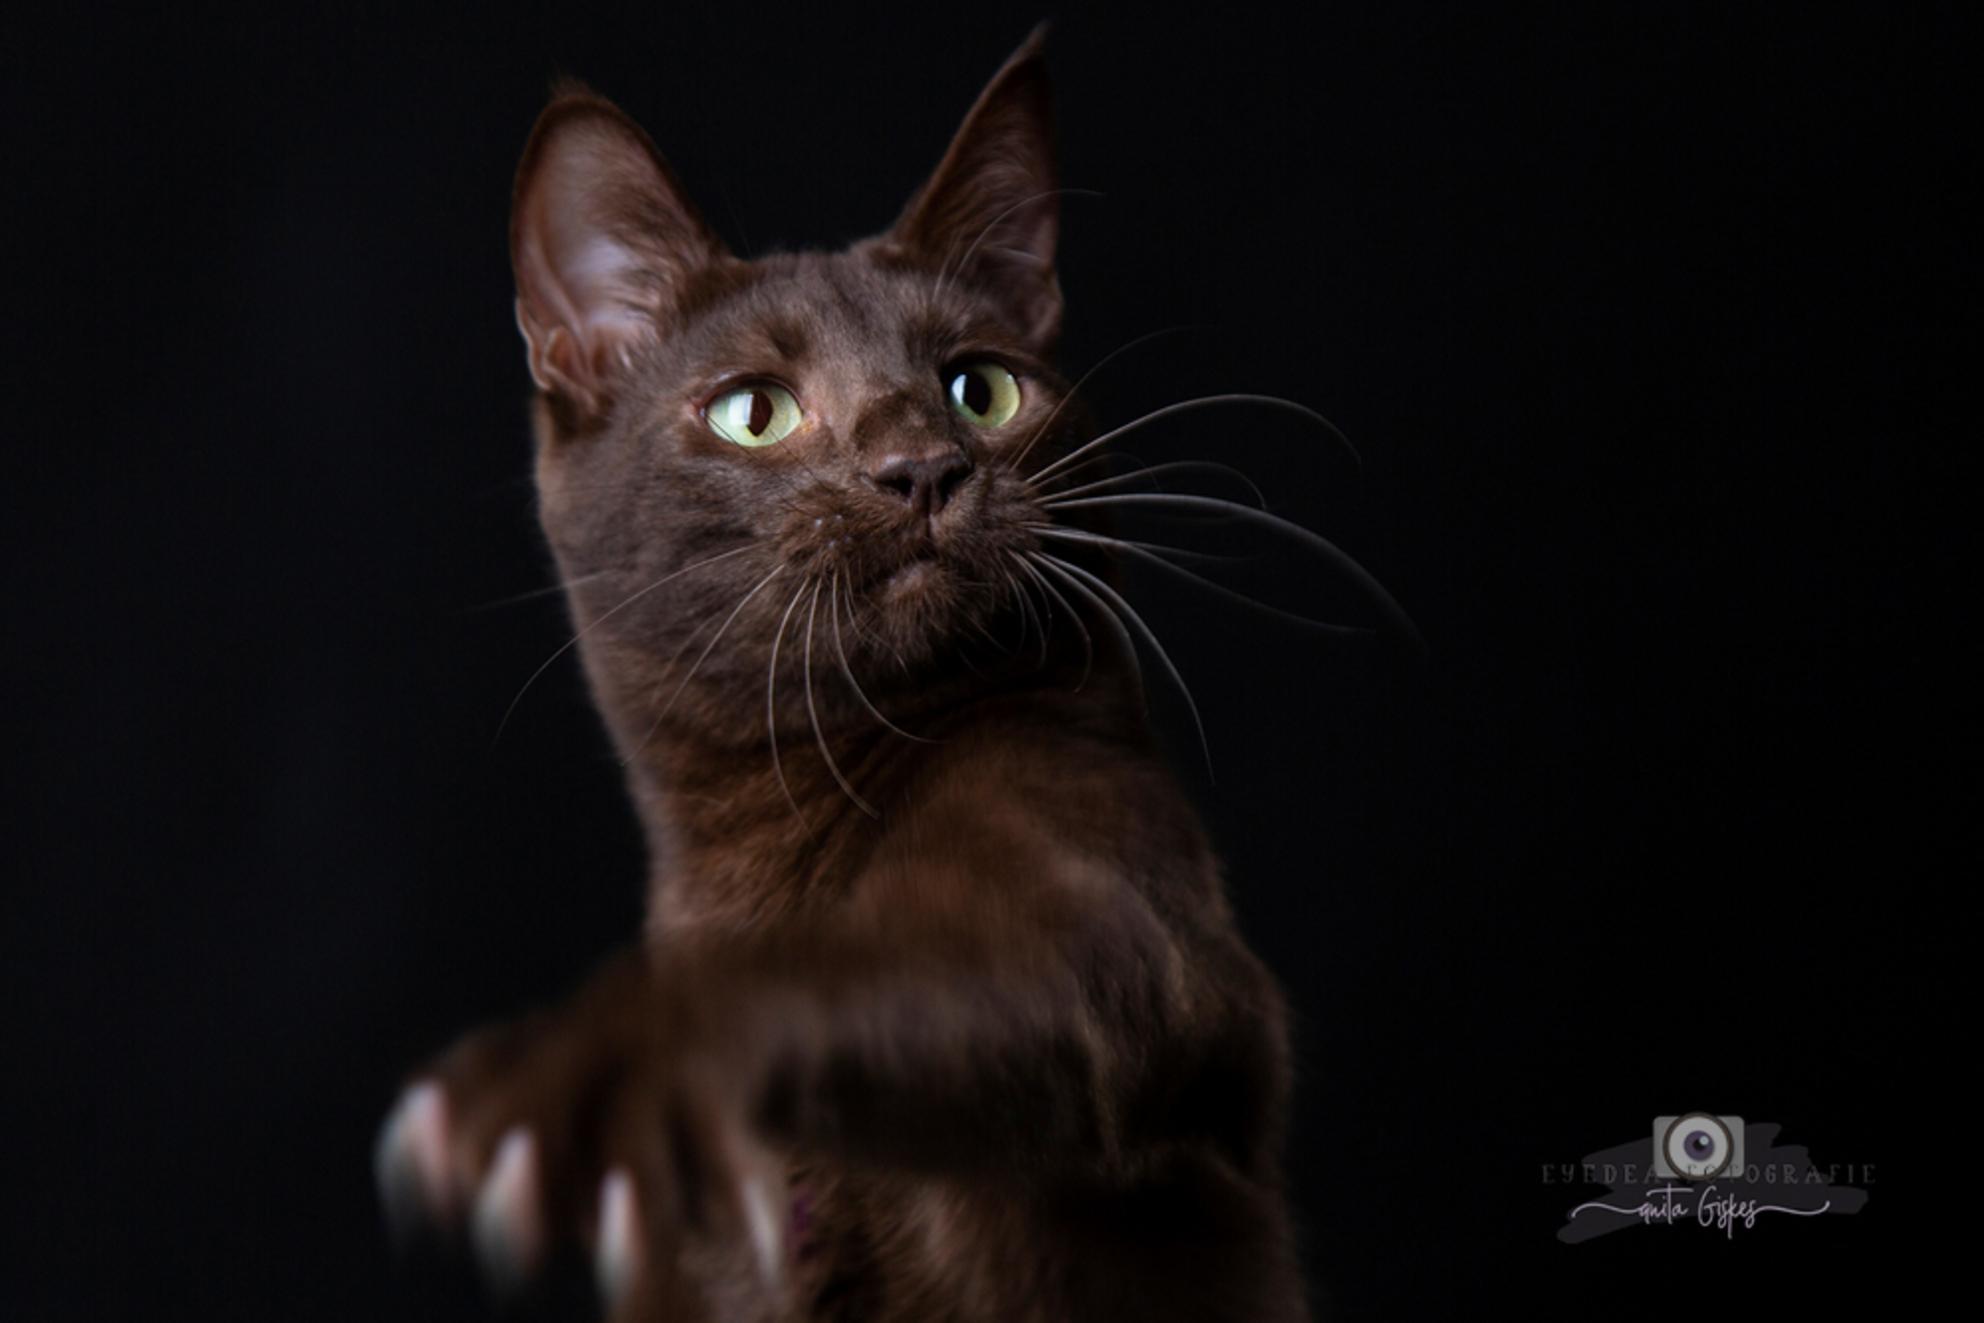 CAT(CH) ME! - Deze prachtige variant Savannah is ook bij mij op bezoek geweest voor het nieuwe Savannah boek - foto door Anita Eye Dea op 10-01-2021 - deze foto bevat: kitten, poes, dieren, huisdier, kat, beweging, jong, studio, huisdierfotografie, savannah, eyedea, kattenfotografie, huisdierfotograaf, savannah kat